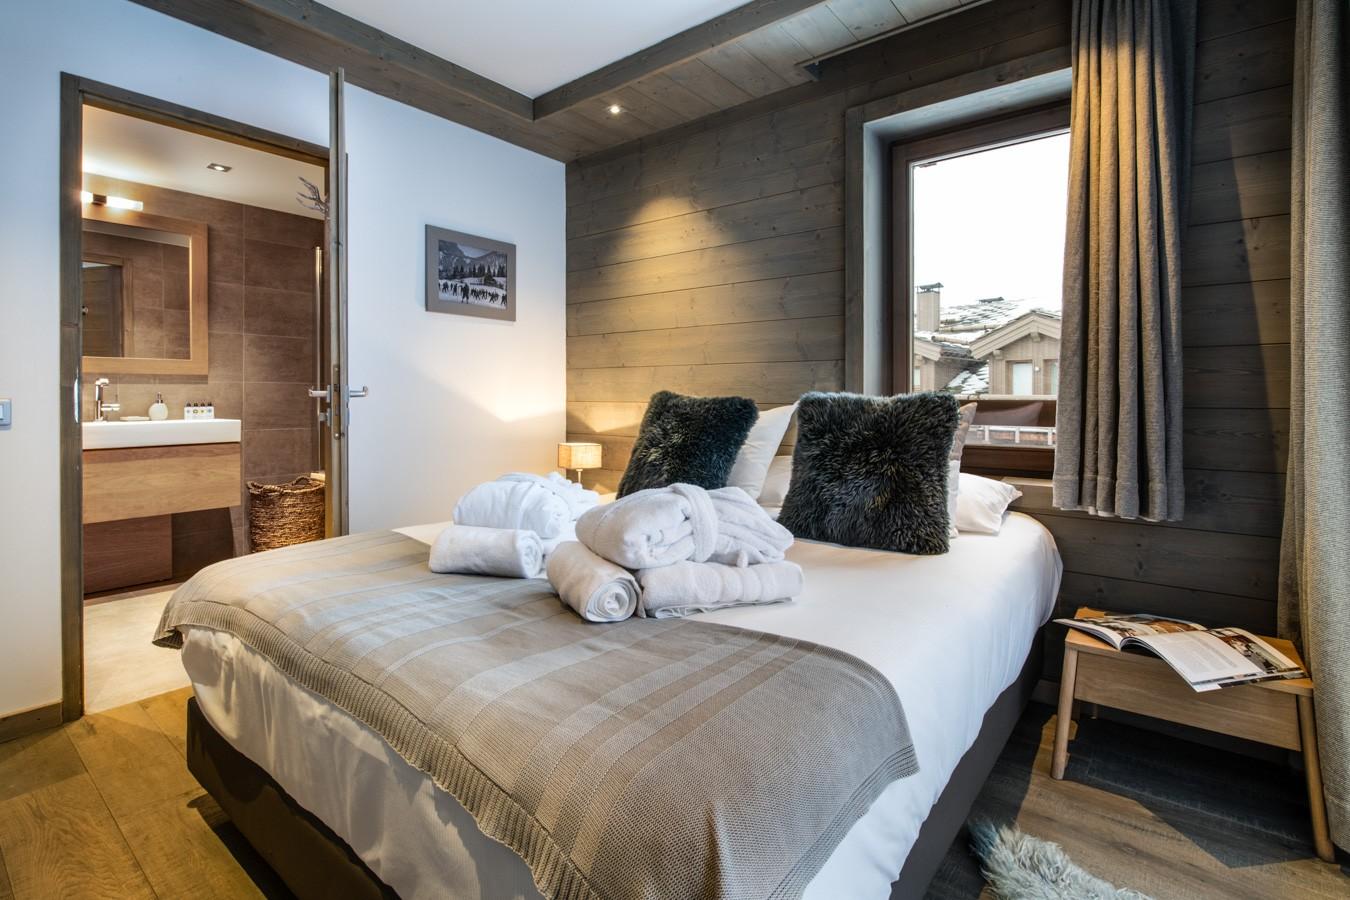 Courchevel 1650 Location Appartement Luxe Aluminite Chambre